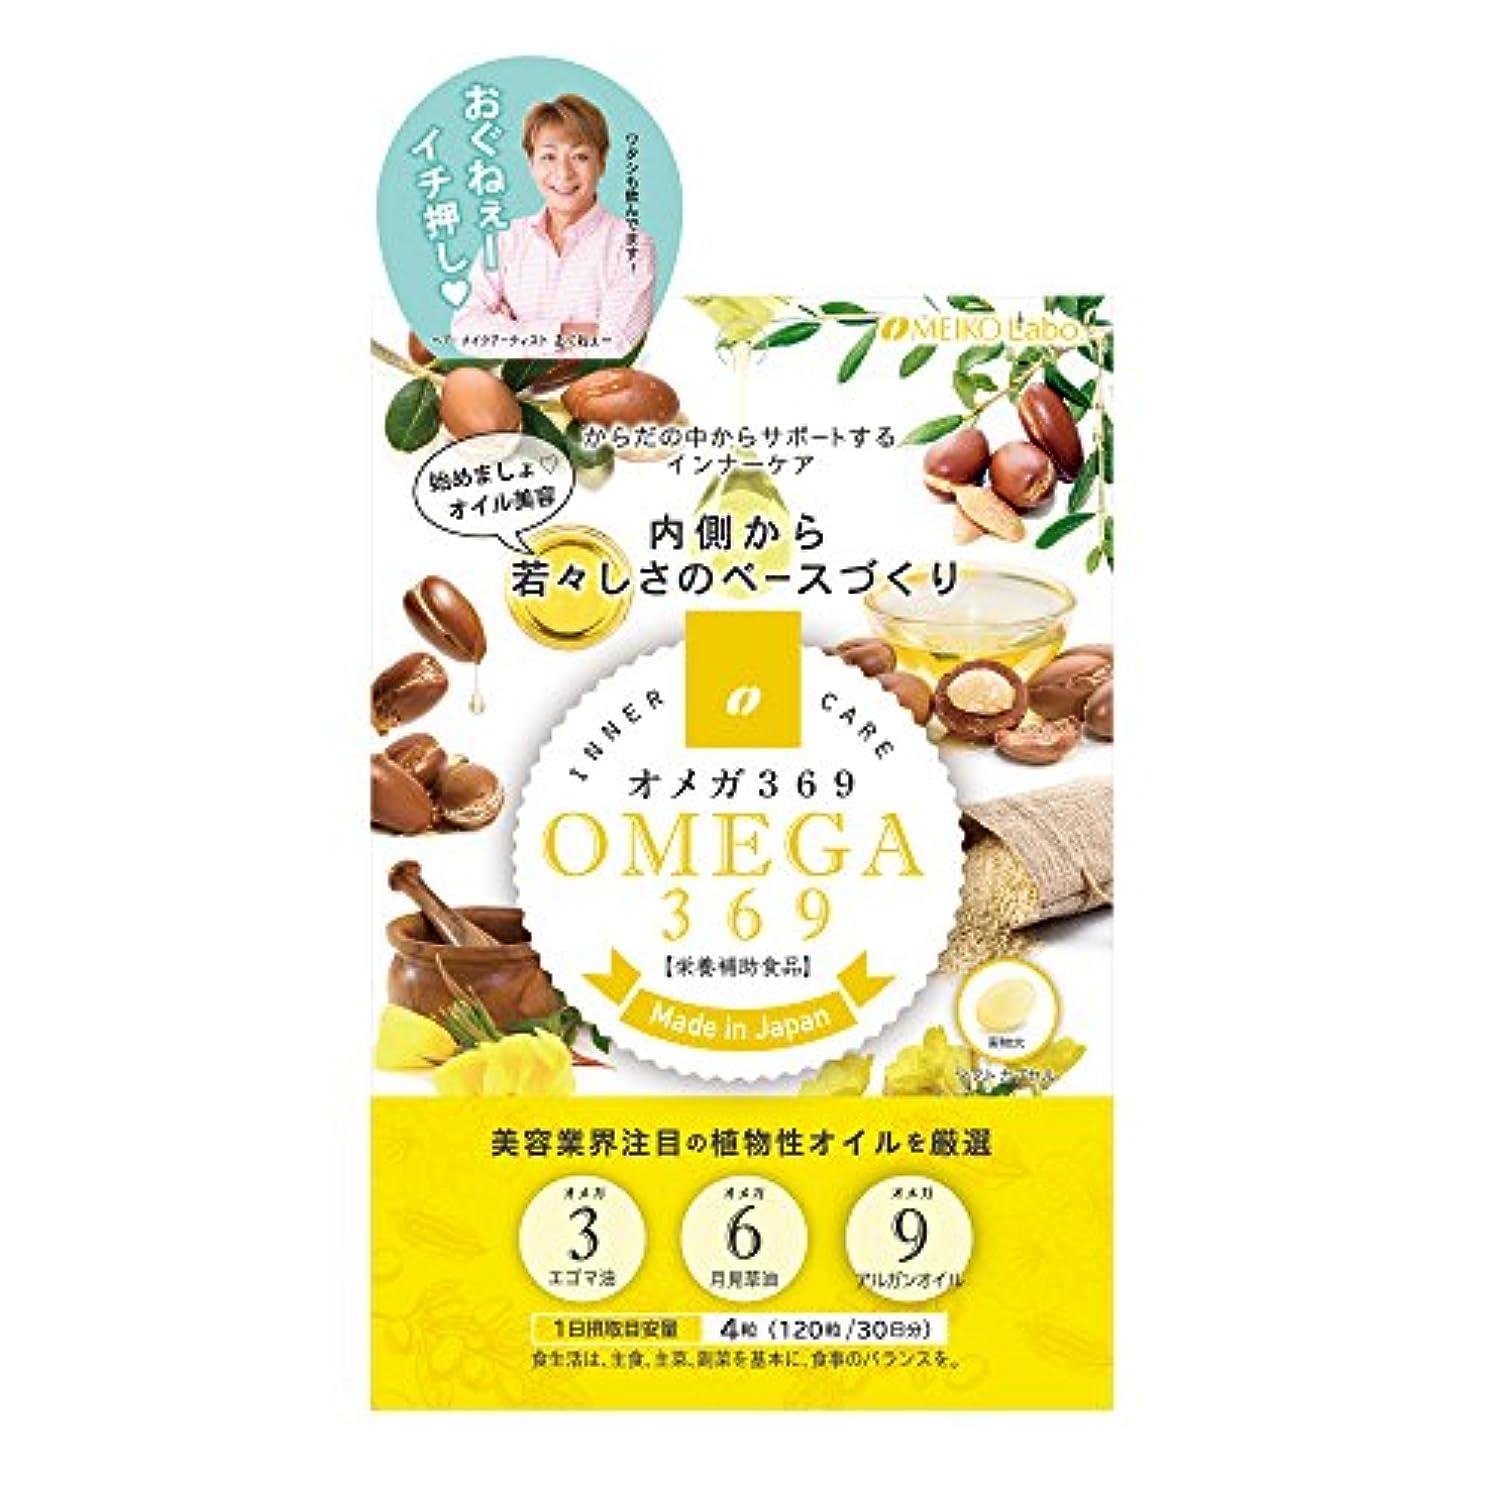 使い込む主人マティスオメガ3 6 9 30日分 120粒 サプリメント ( 栄養補助食品 日本製 ) 【 メイコーラボ 】